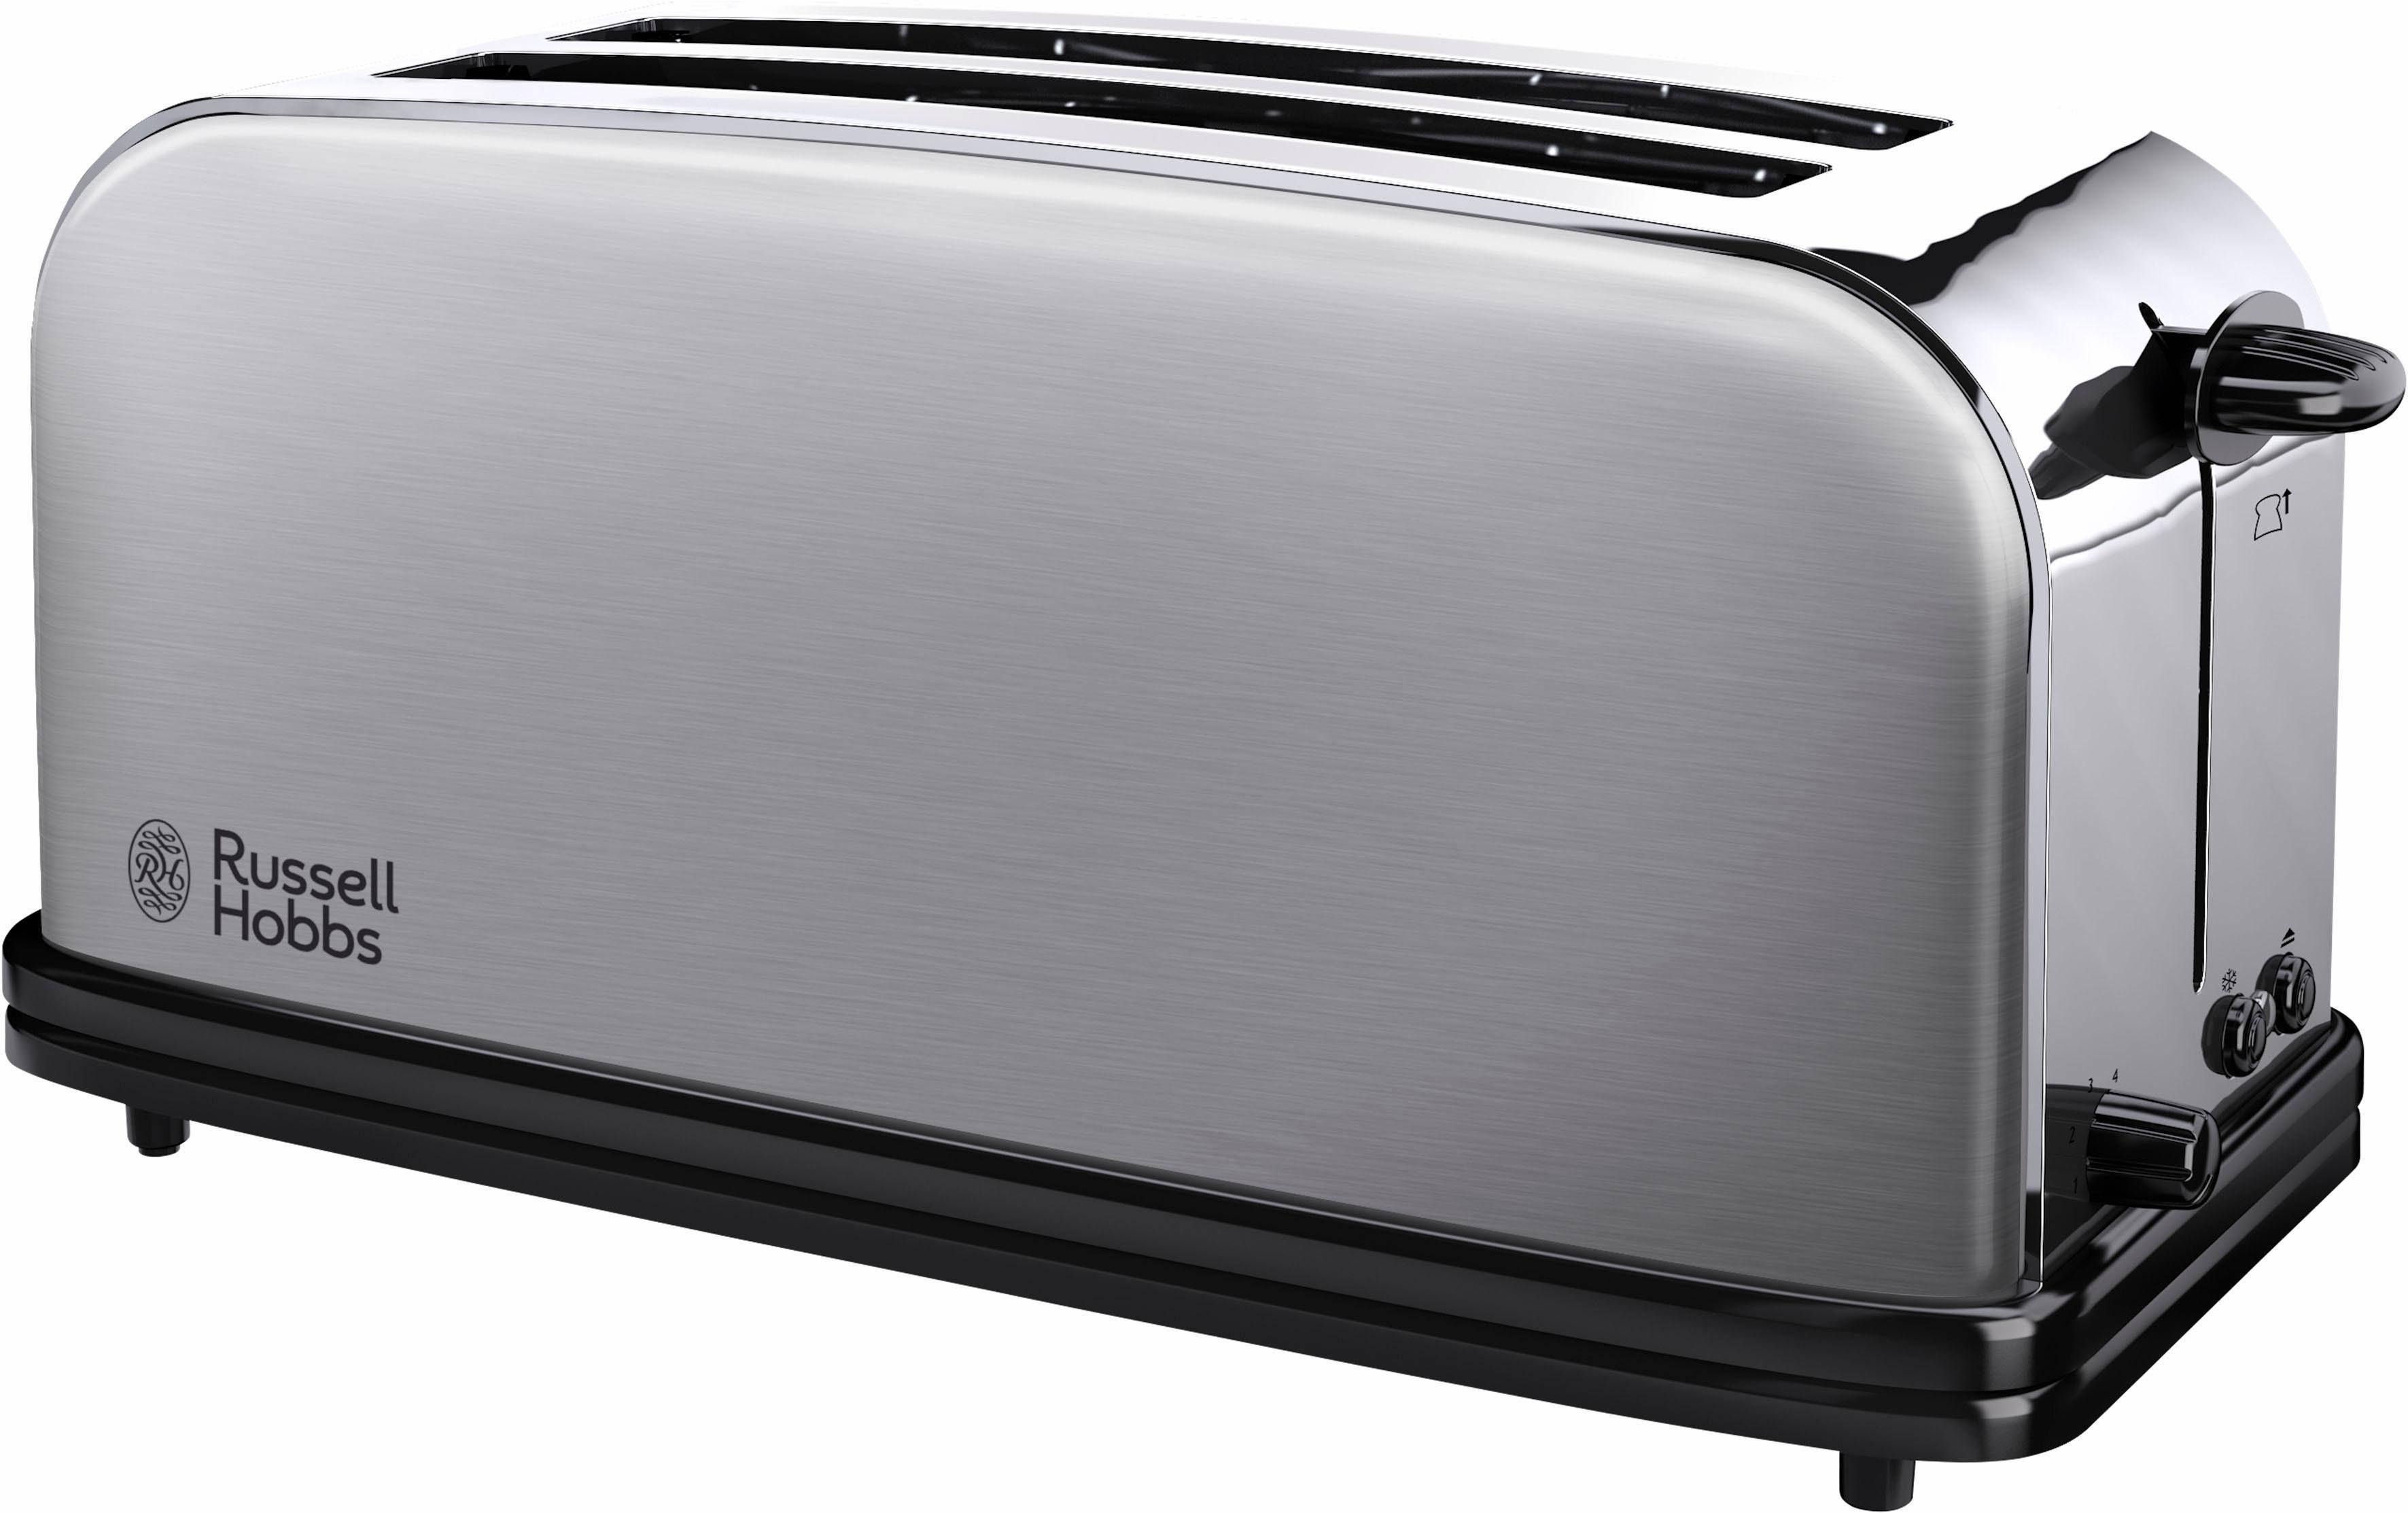 RUSSELL HOBBS Toaster 23610-56, 2 lange Schlitze, für 2 Scheiben, 1600 W